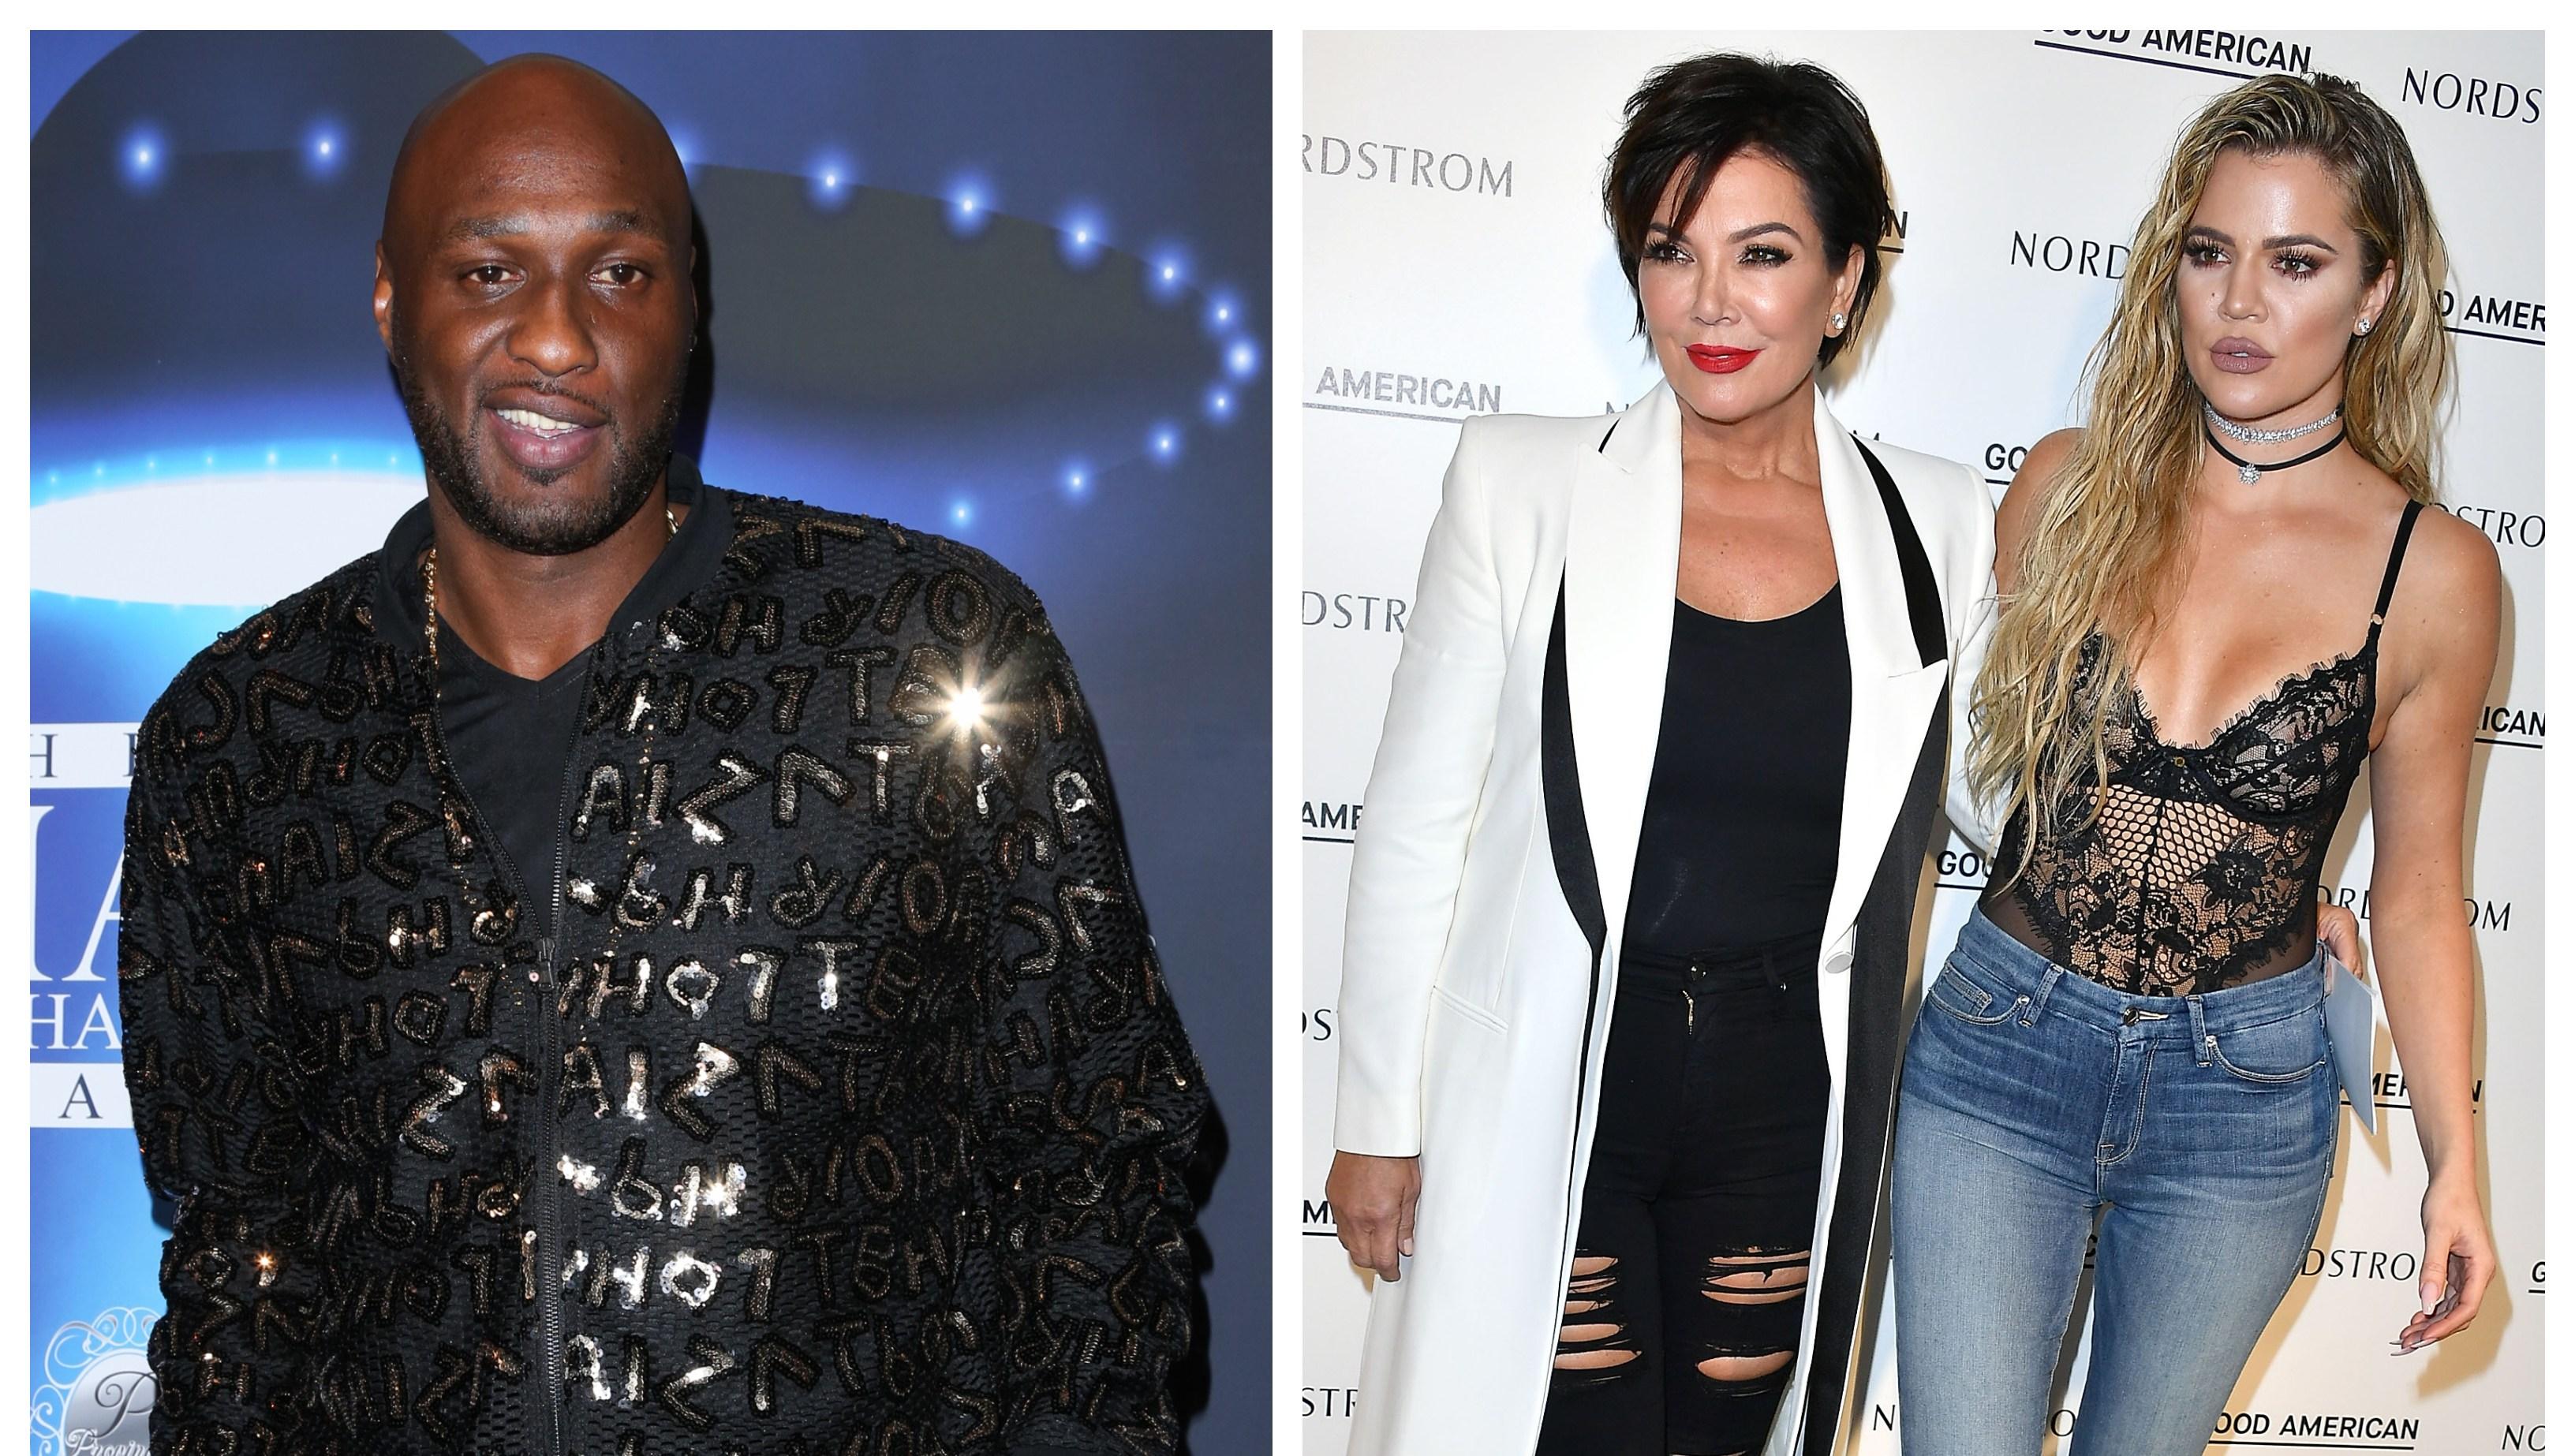 Lamar Odom, Kris Jenner, Khloe Kardashian